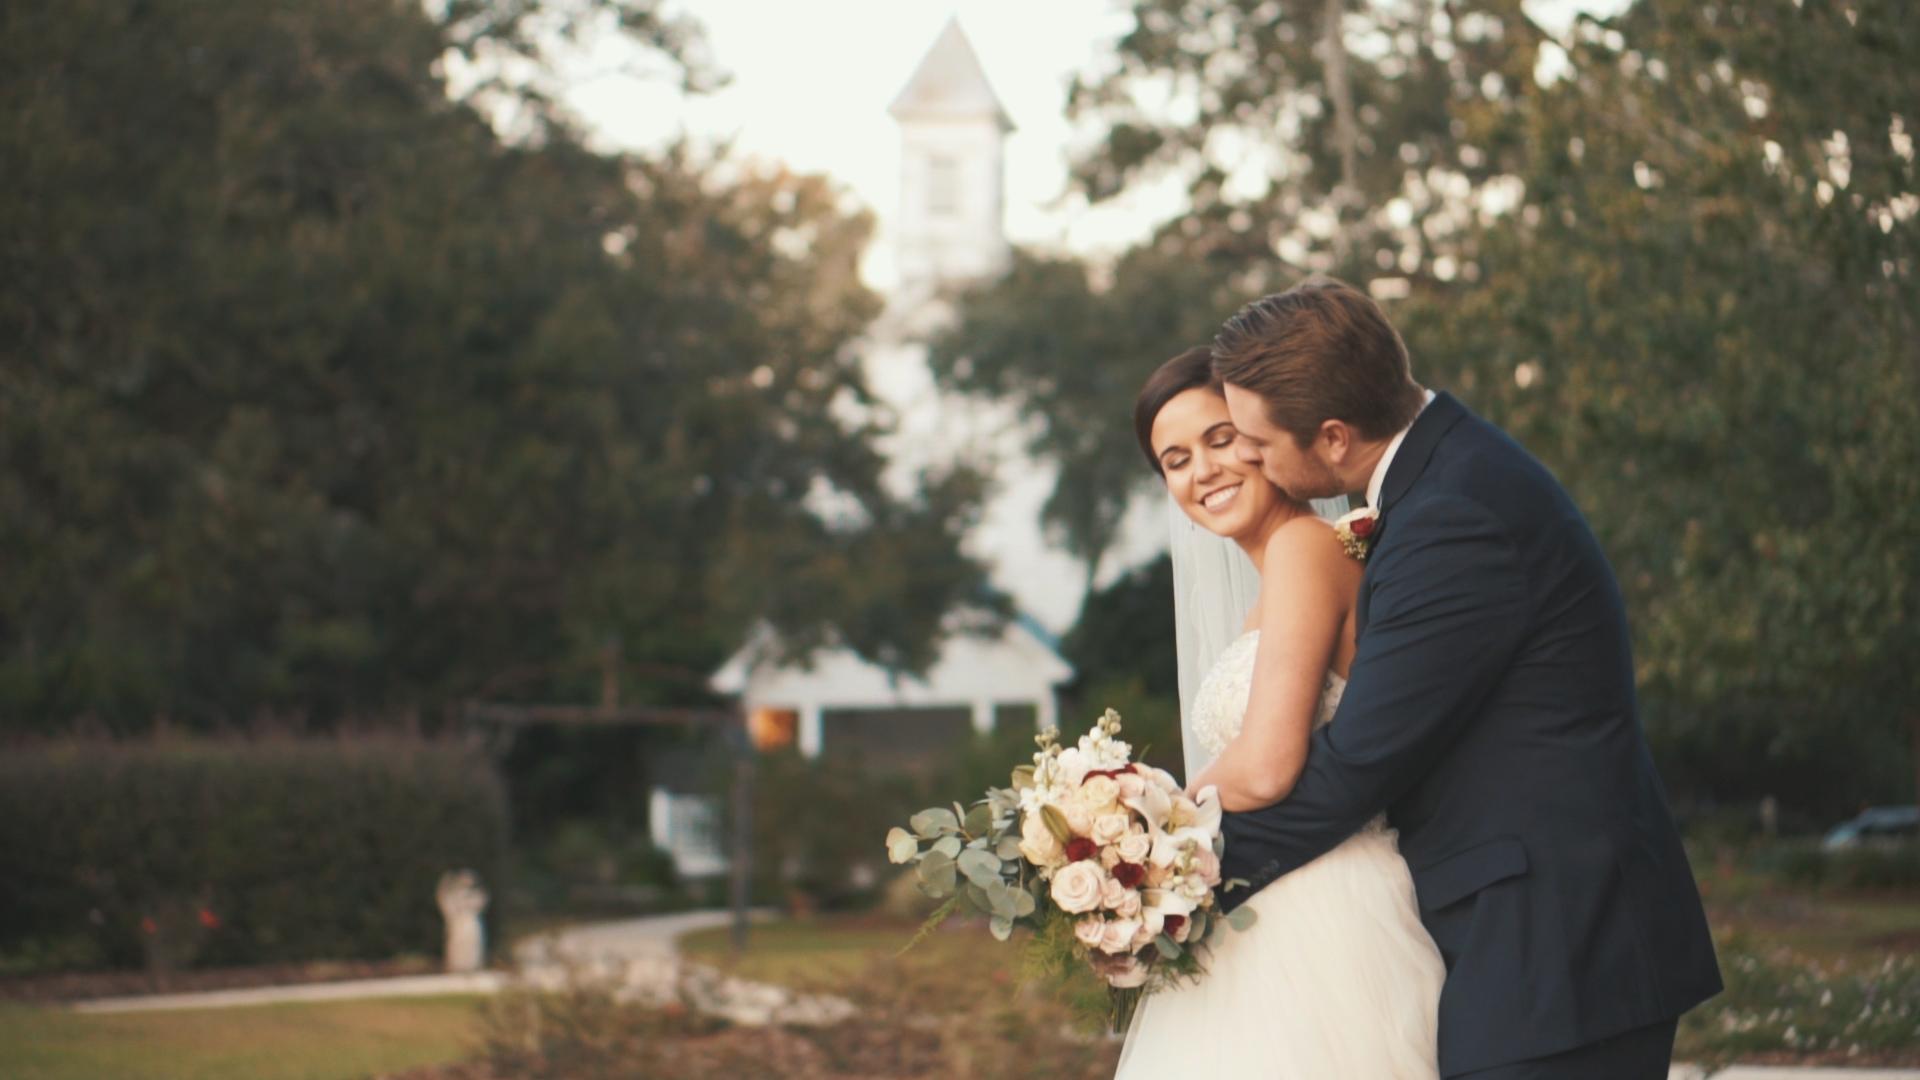 Morghan + Blair | Tallahassee, Florida | Shiloh Farm